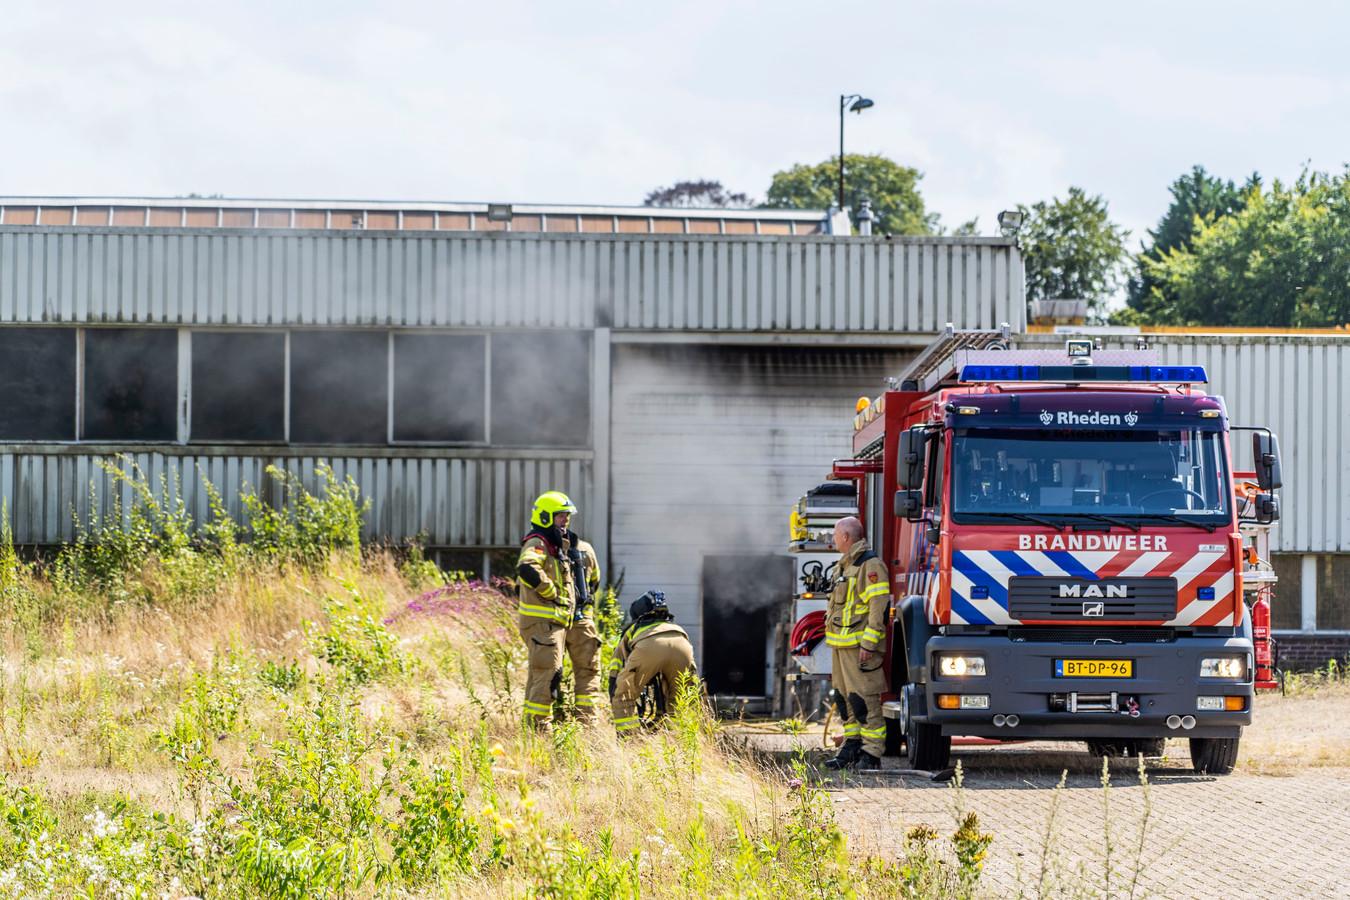 De brandweer bij een bedrijfspand aan de Doctor Langemeijerweg in Rheden. Mogelijk is er sprake van brandstichting.